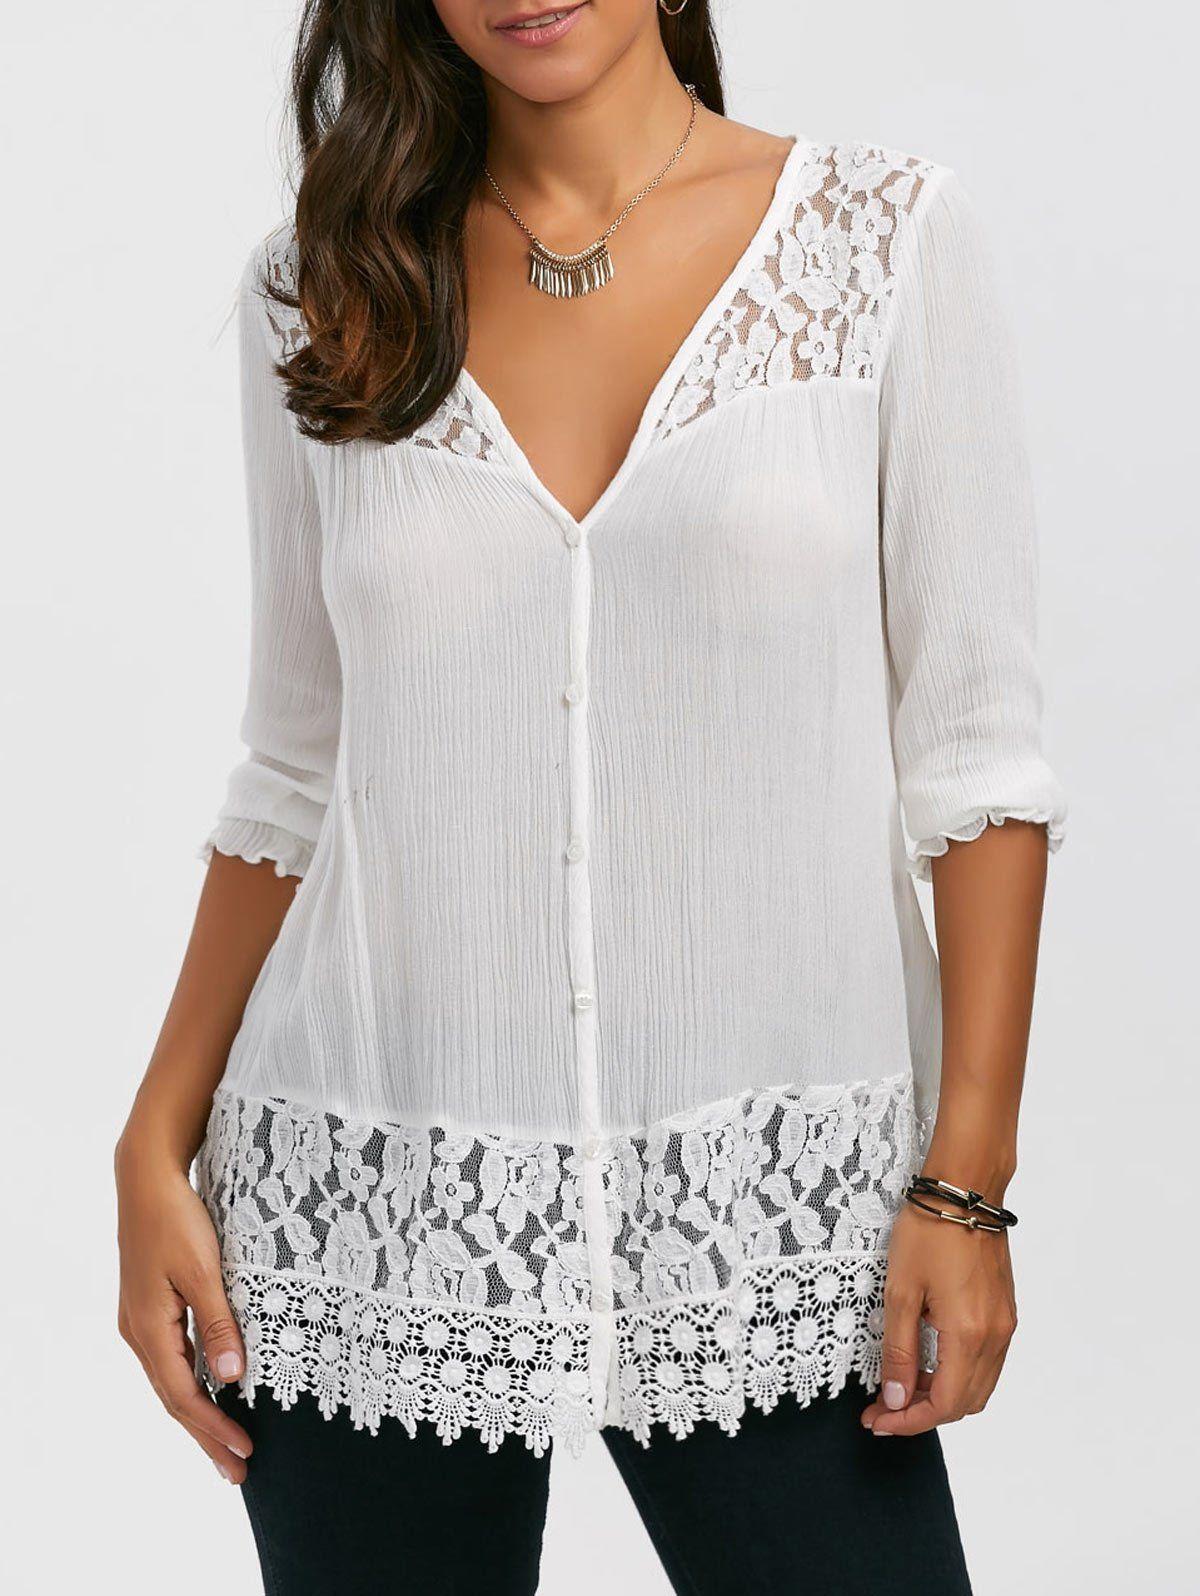 Lace Trim Button Up Tunic Blouse 5007